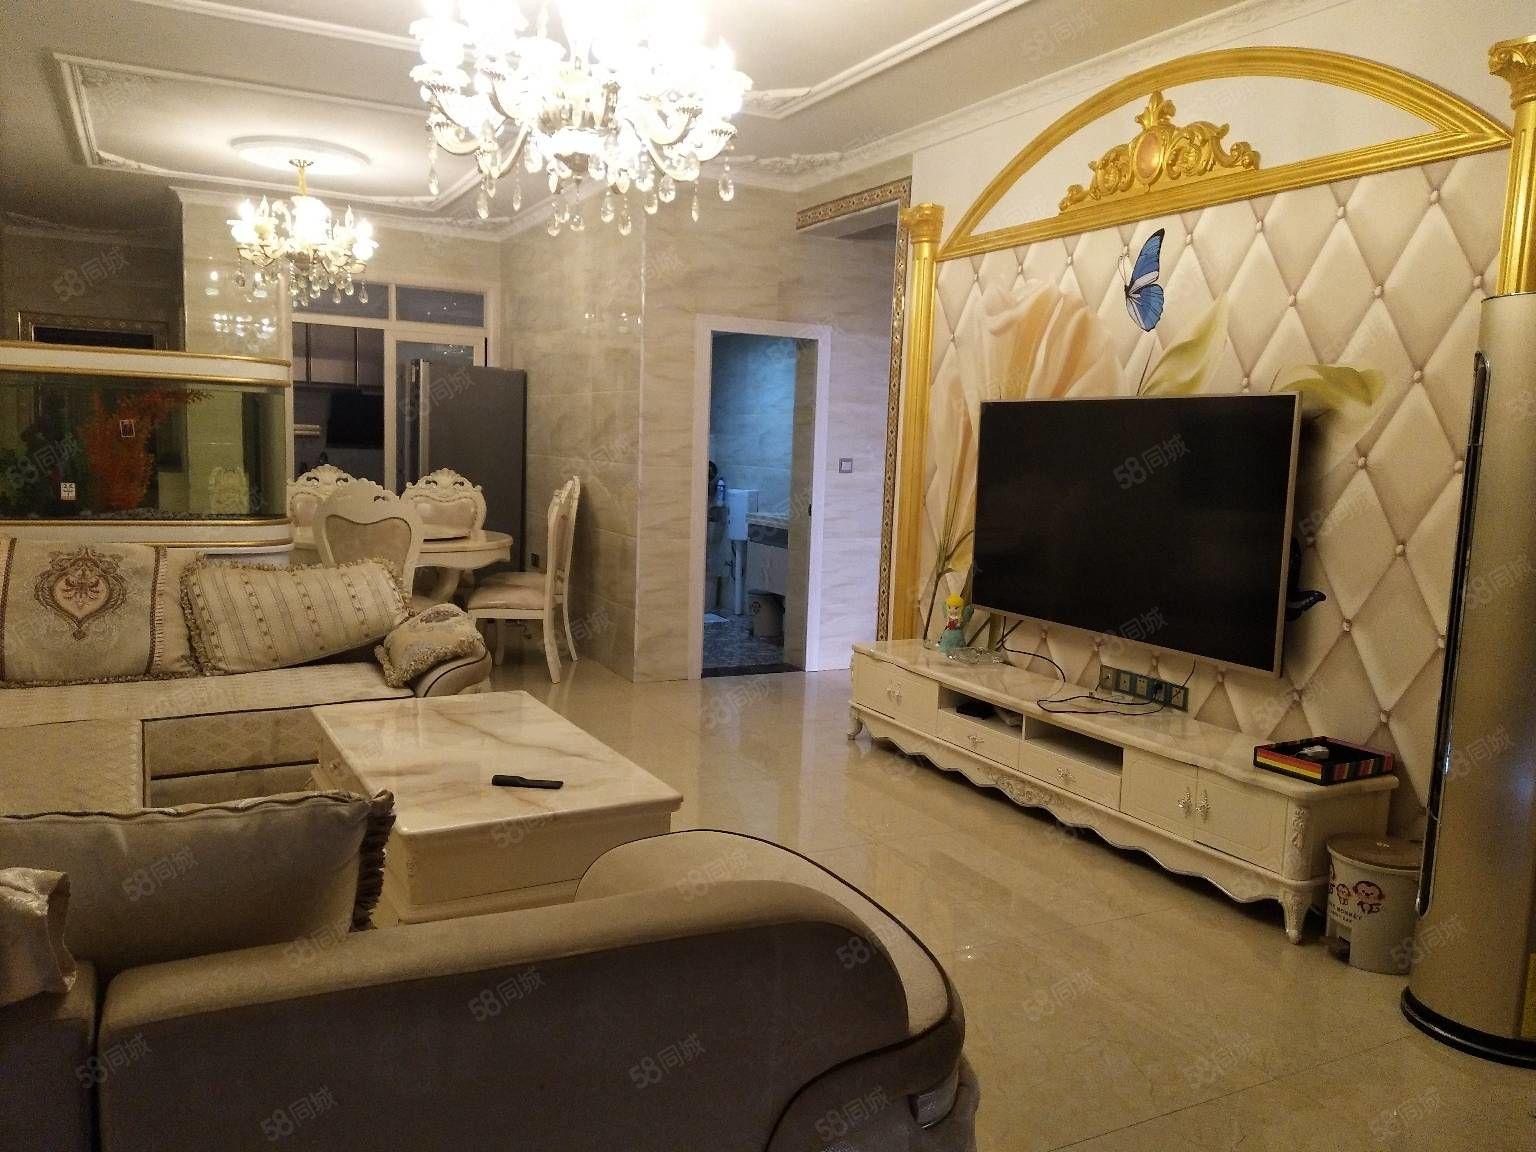 国际城电梯房6楼118平米3室2厅2卫家具家电齐全豪华装修